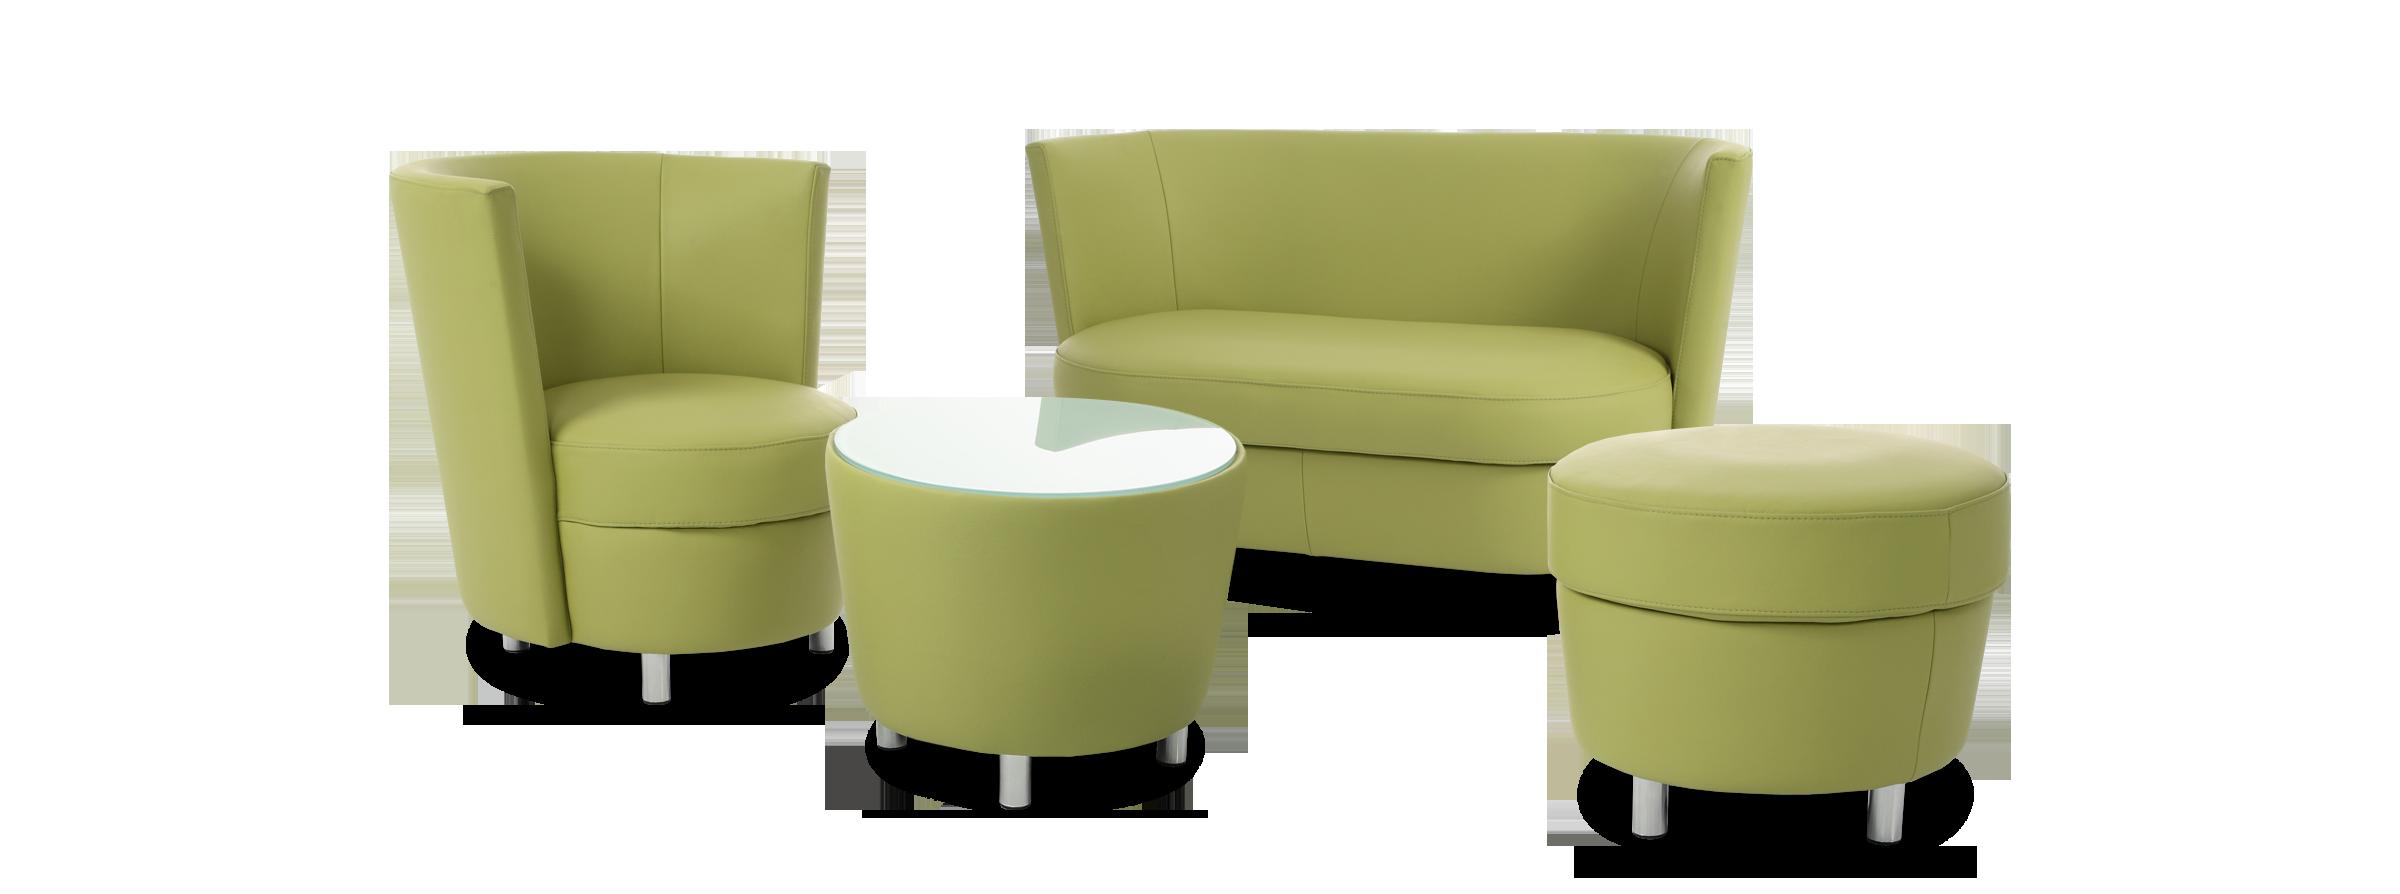 Neology-JAZZ-canapé-fauteuil-cuir-français-personnalisable